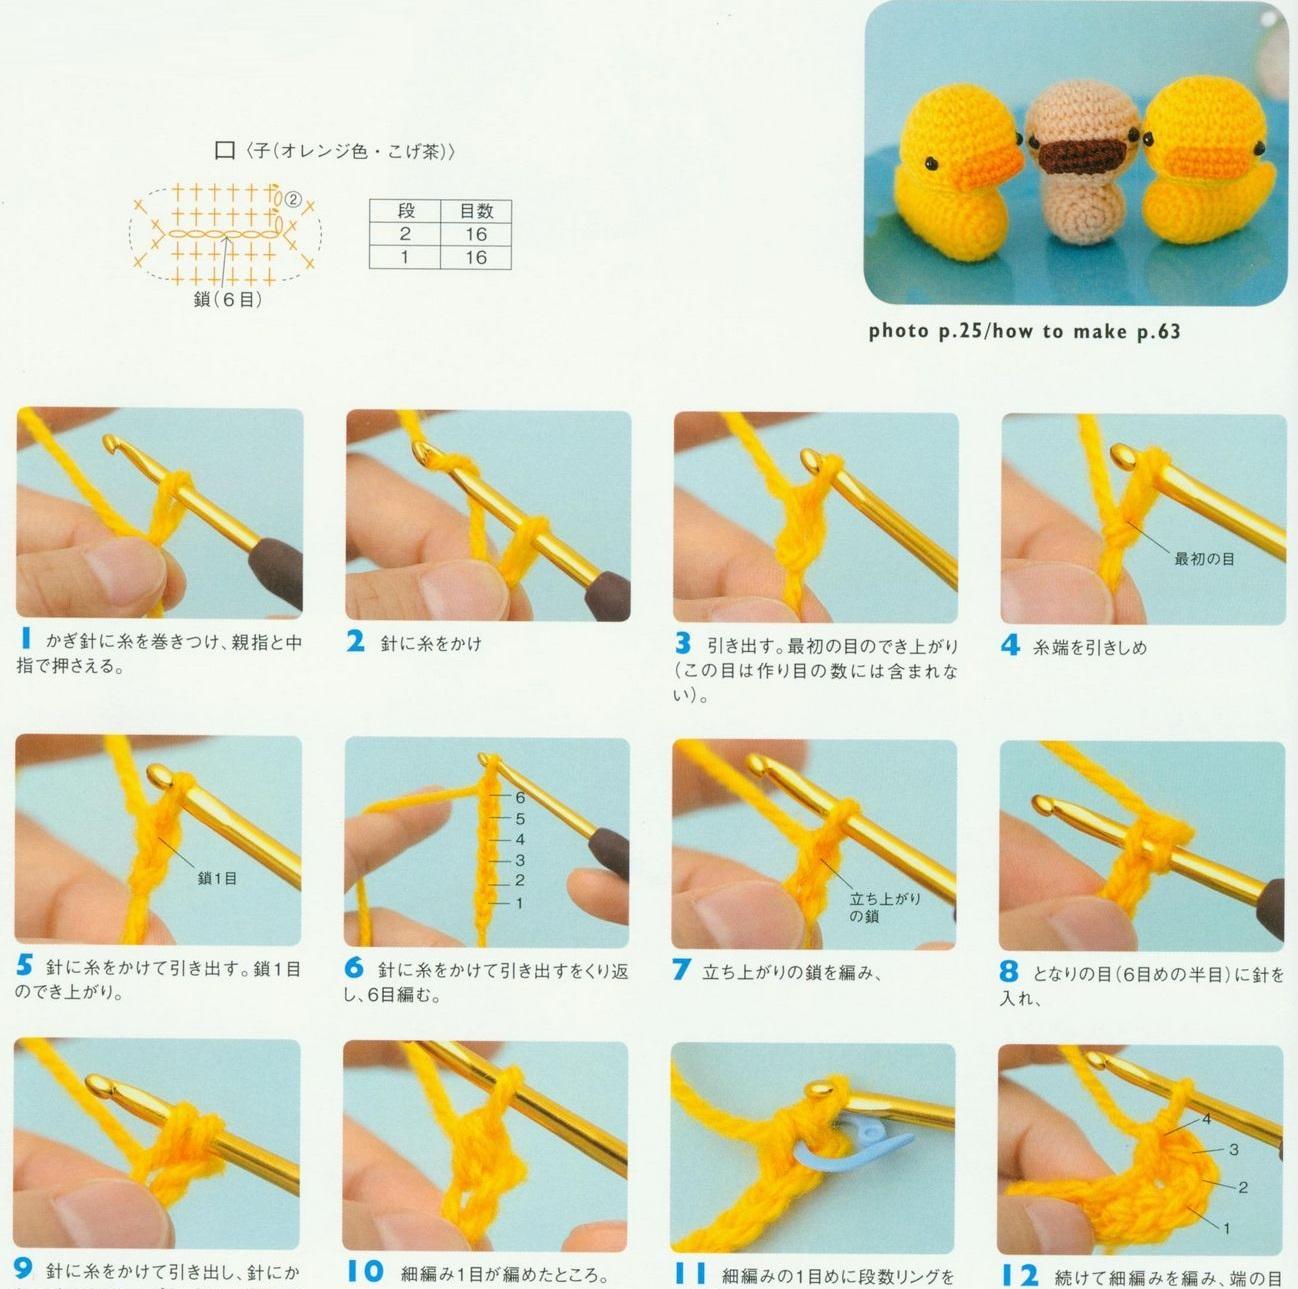 Как связать игрушки крючком для начинающих пошагово фото